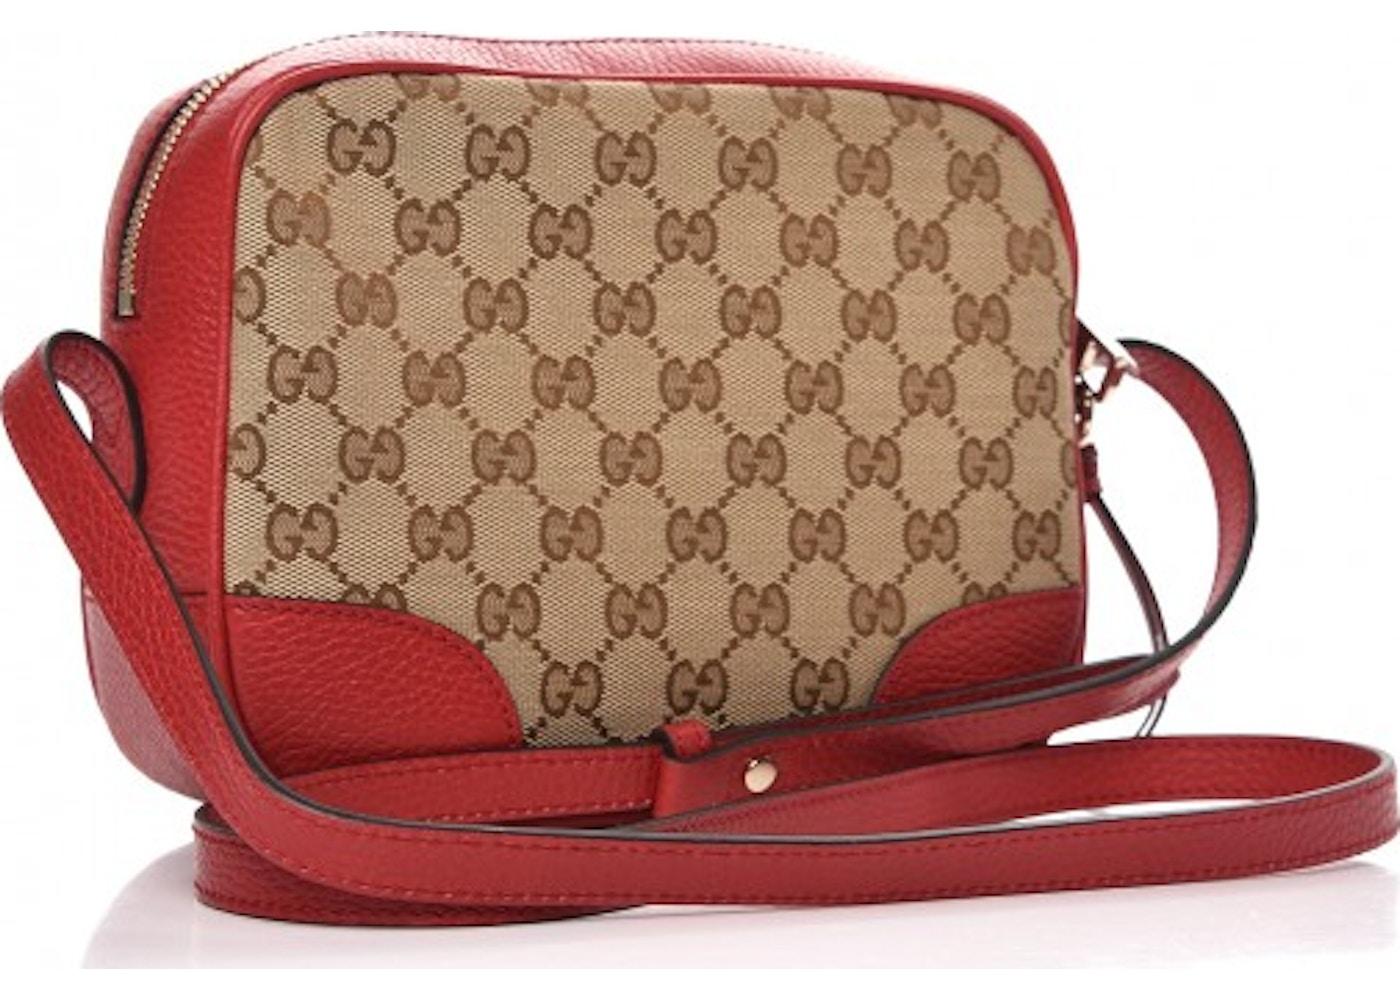 0762867052e189 Gucci Bree Messenger Monogram GG Mini Red